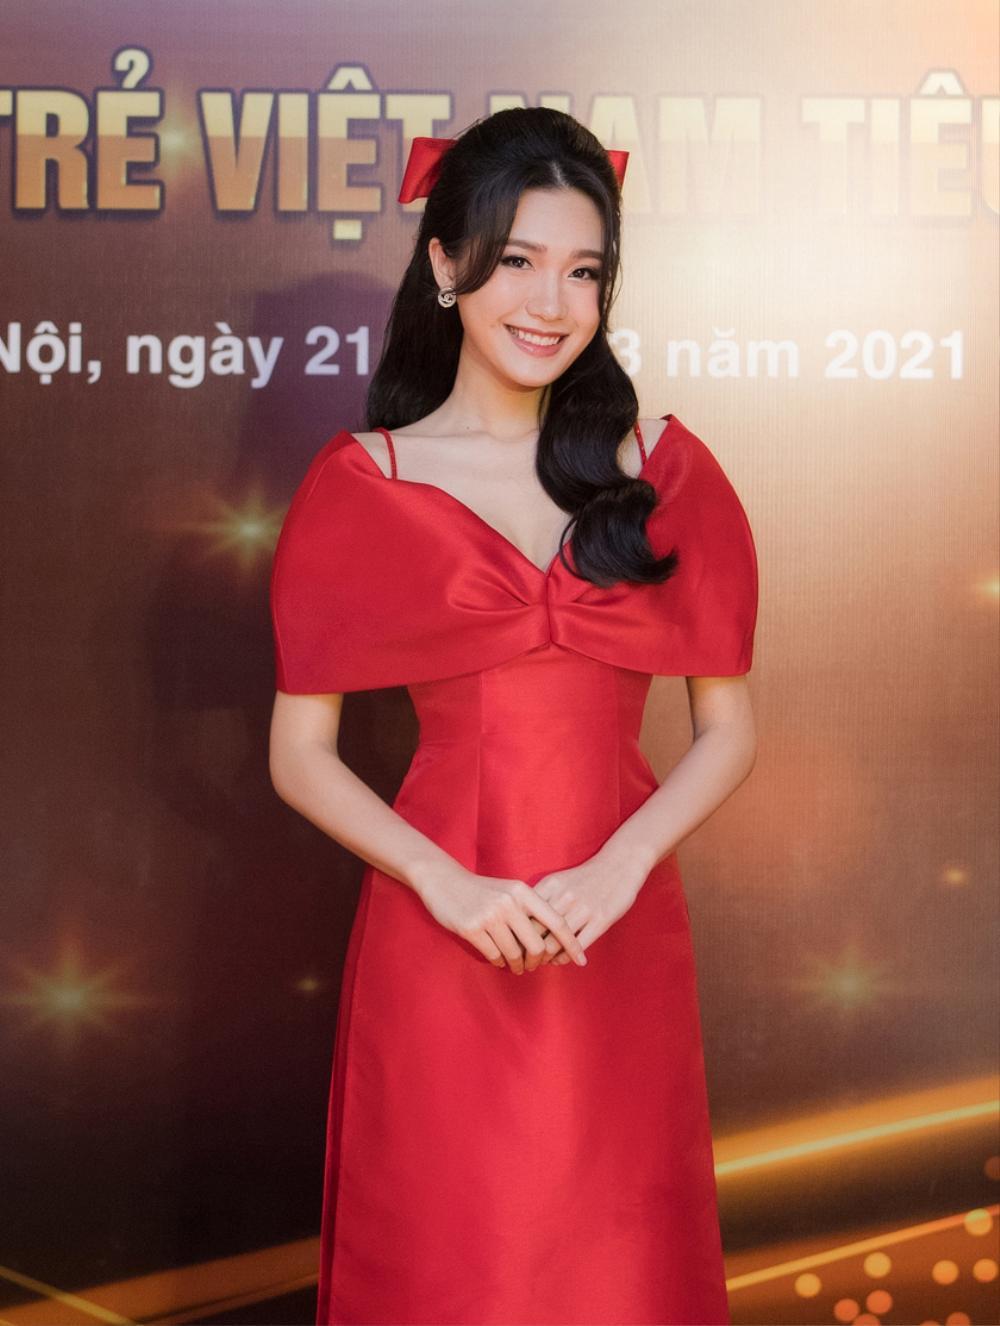 Top 10 Hoa hậu Việt Nam 2020 - Doãn Hải My diện áo dài đỏ chiếm spotlight, nhan sắc rạng rỡ Ảnh 8